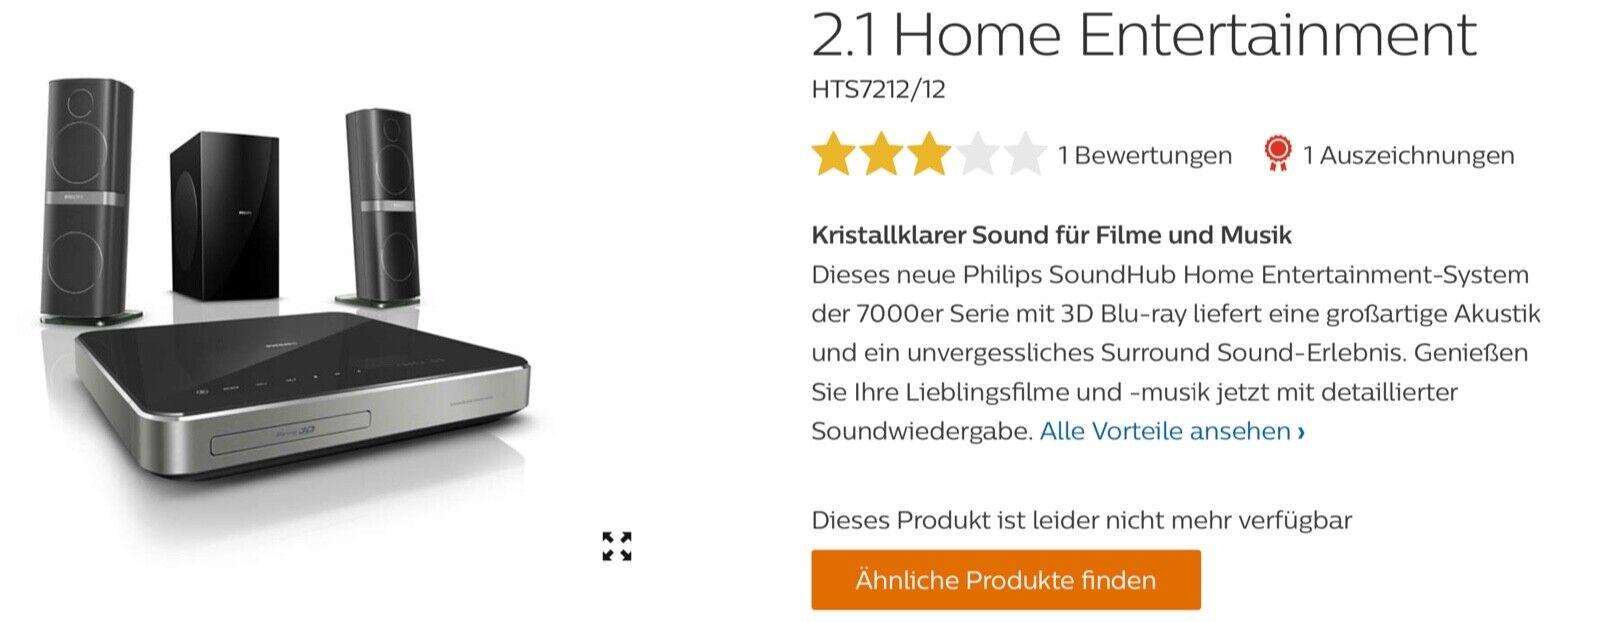 Philips Sound System -Heimkino- HTS 7202. Bluray 3 D